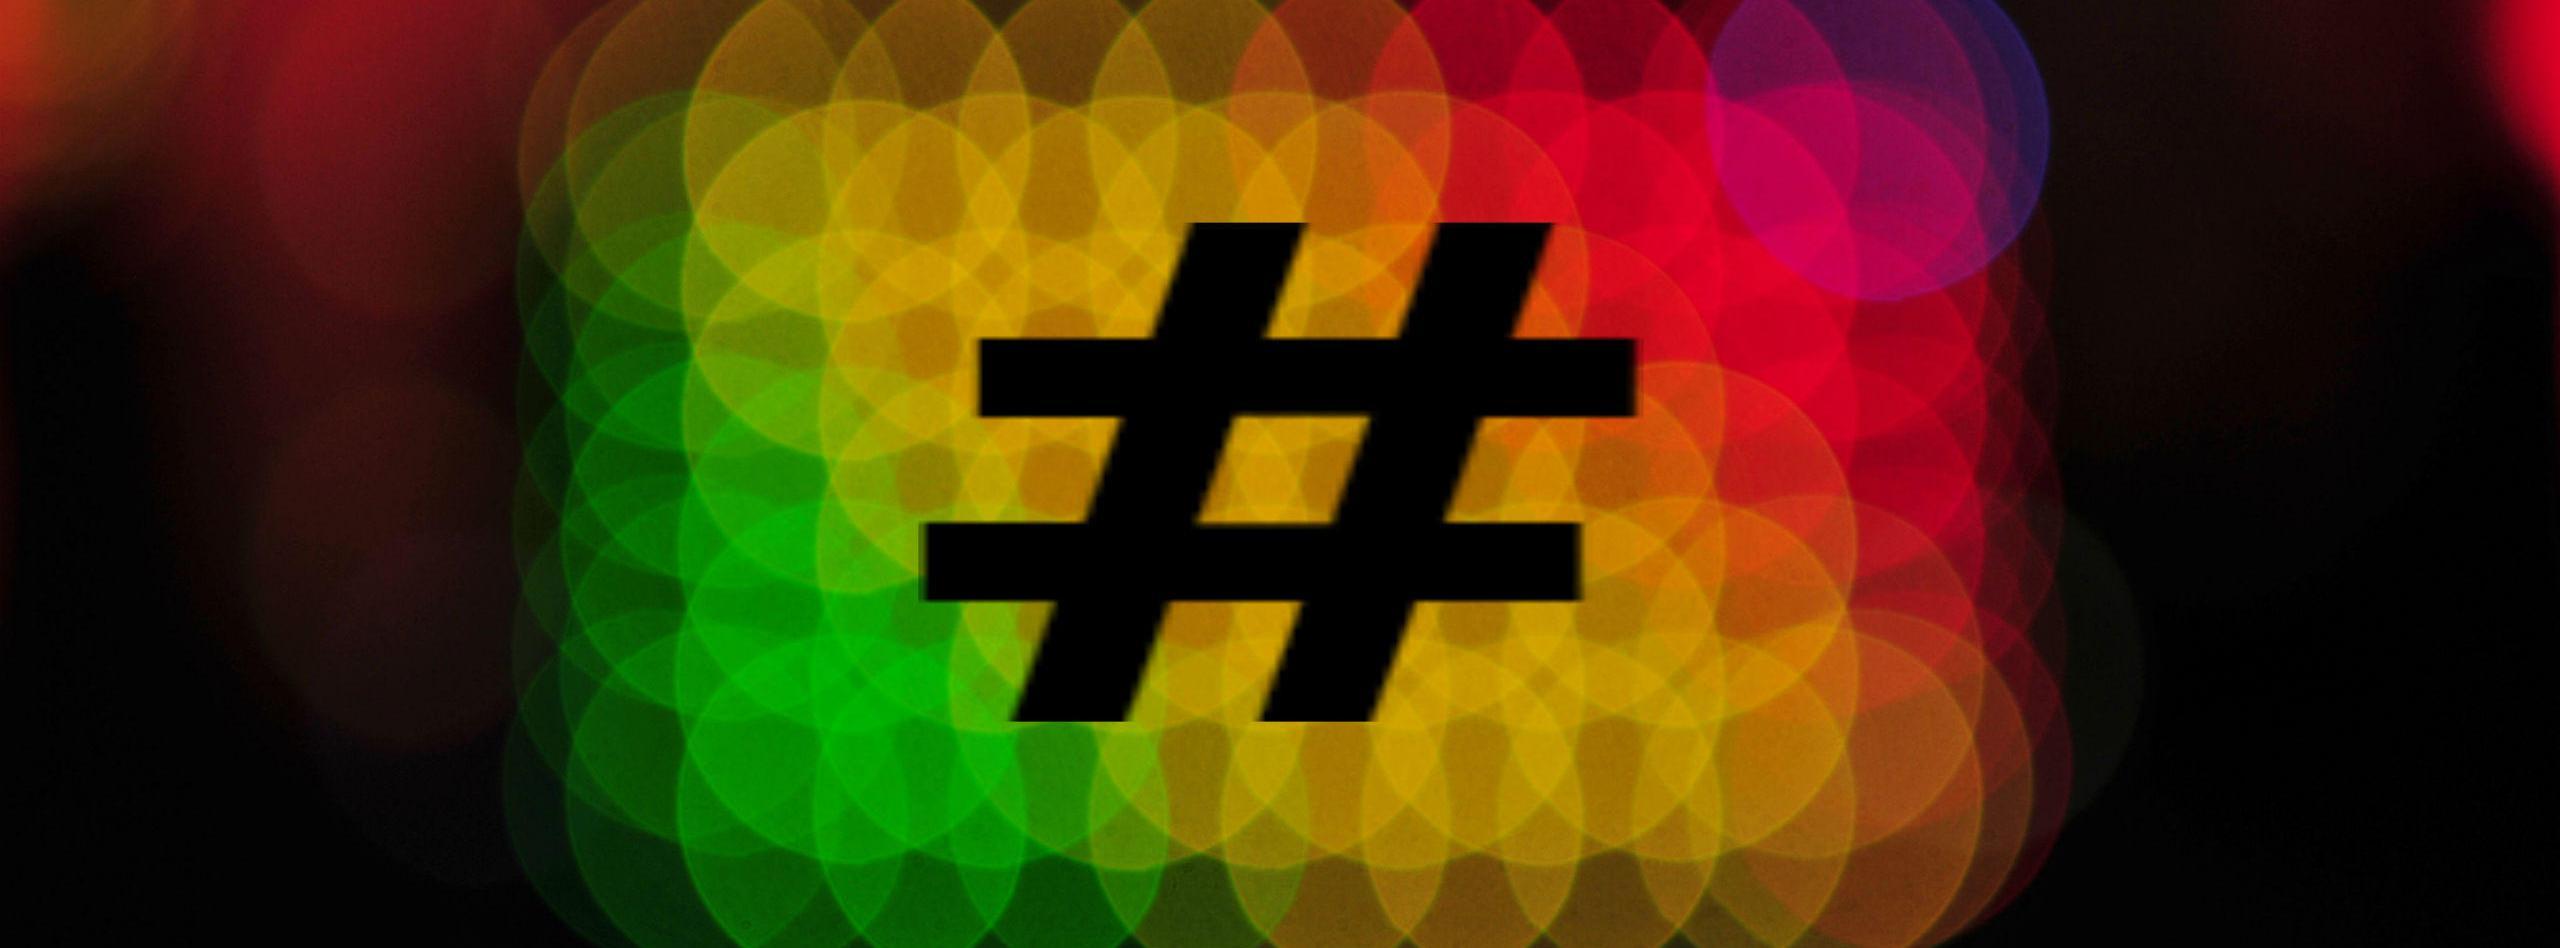 #Hashtag как торговая марка: it rocks, но есть нюансы